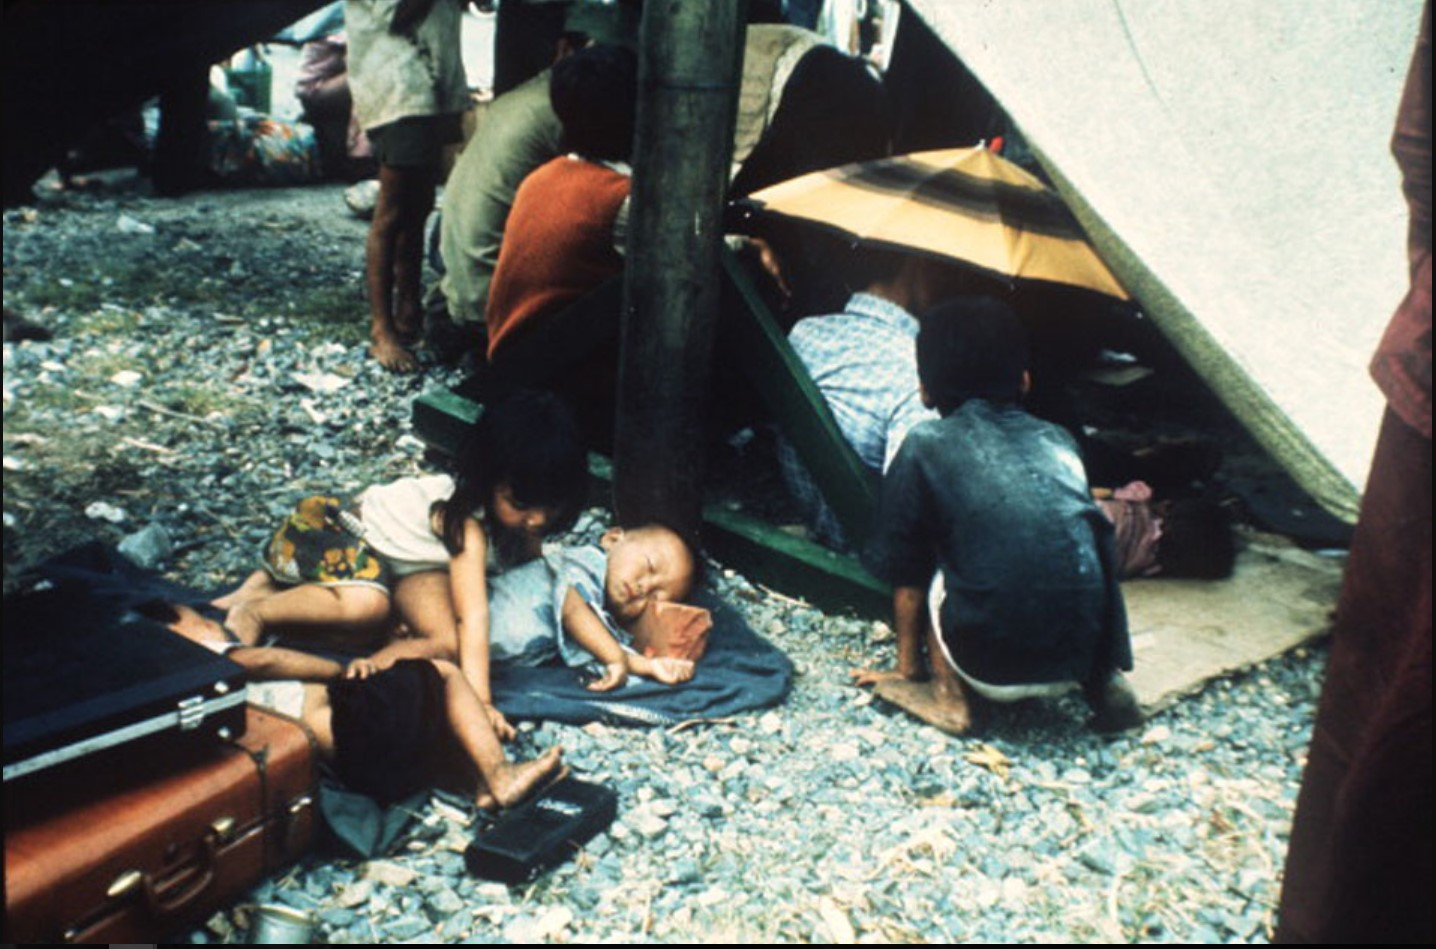 Некоторые из более чем 7000 беженцев, погрузившихся на борт южно-вьетнамского военно-морского корабля HQ-504, ждут на палубе, чтобы отправиться в порт Вунгтау, единственный портовый город под контролем правительства